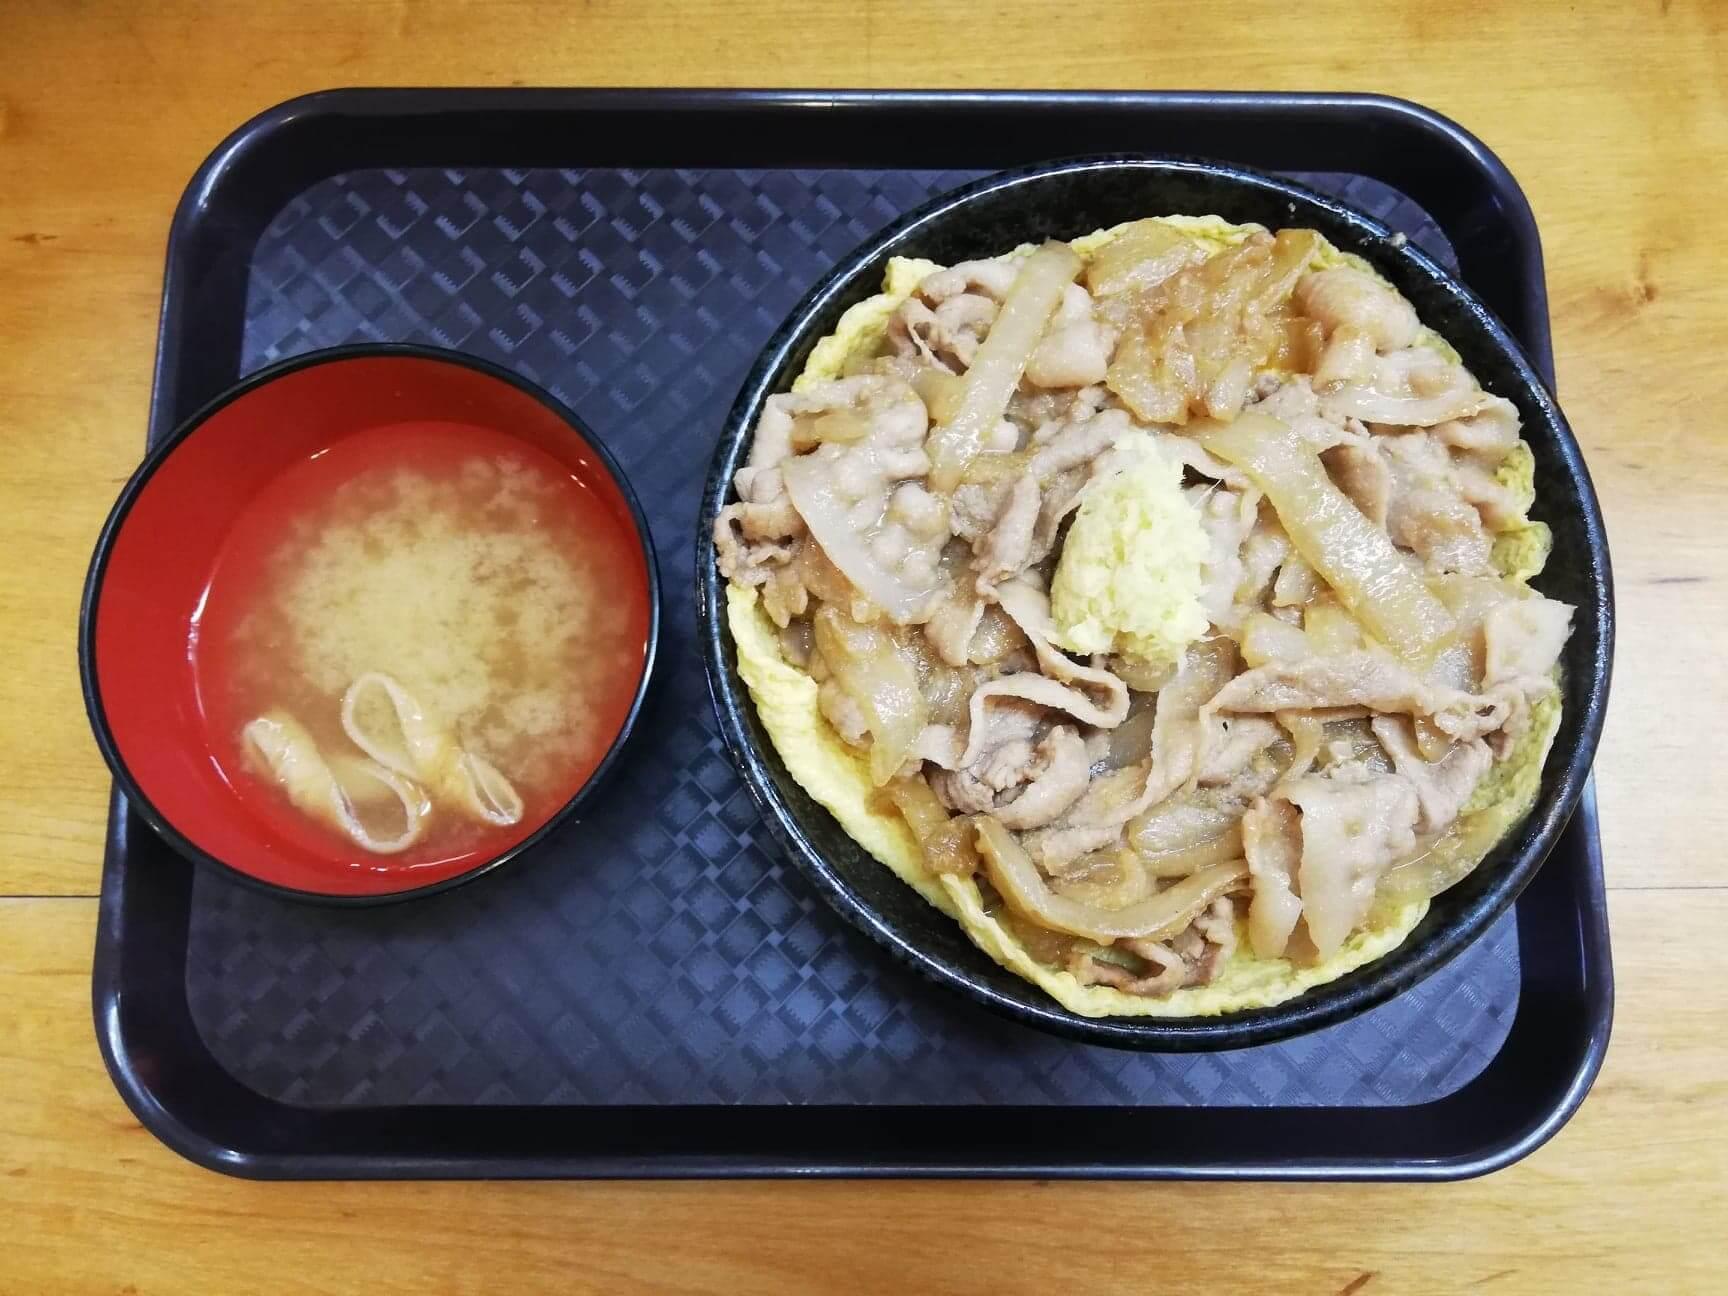 江古田『笑姜や』の、理想の生姜焼き丼の写真